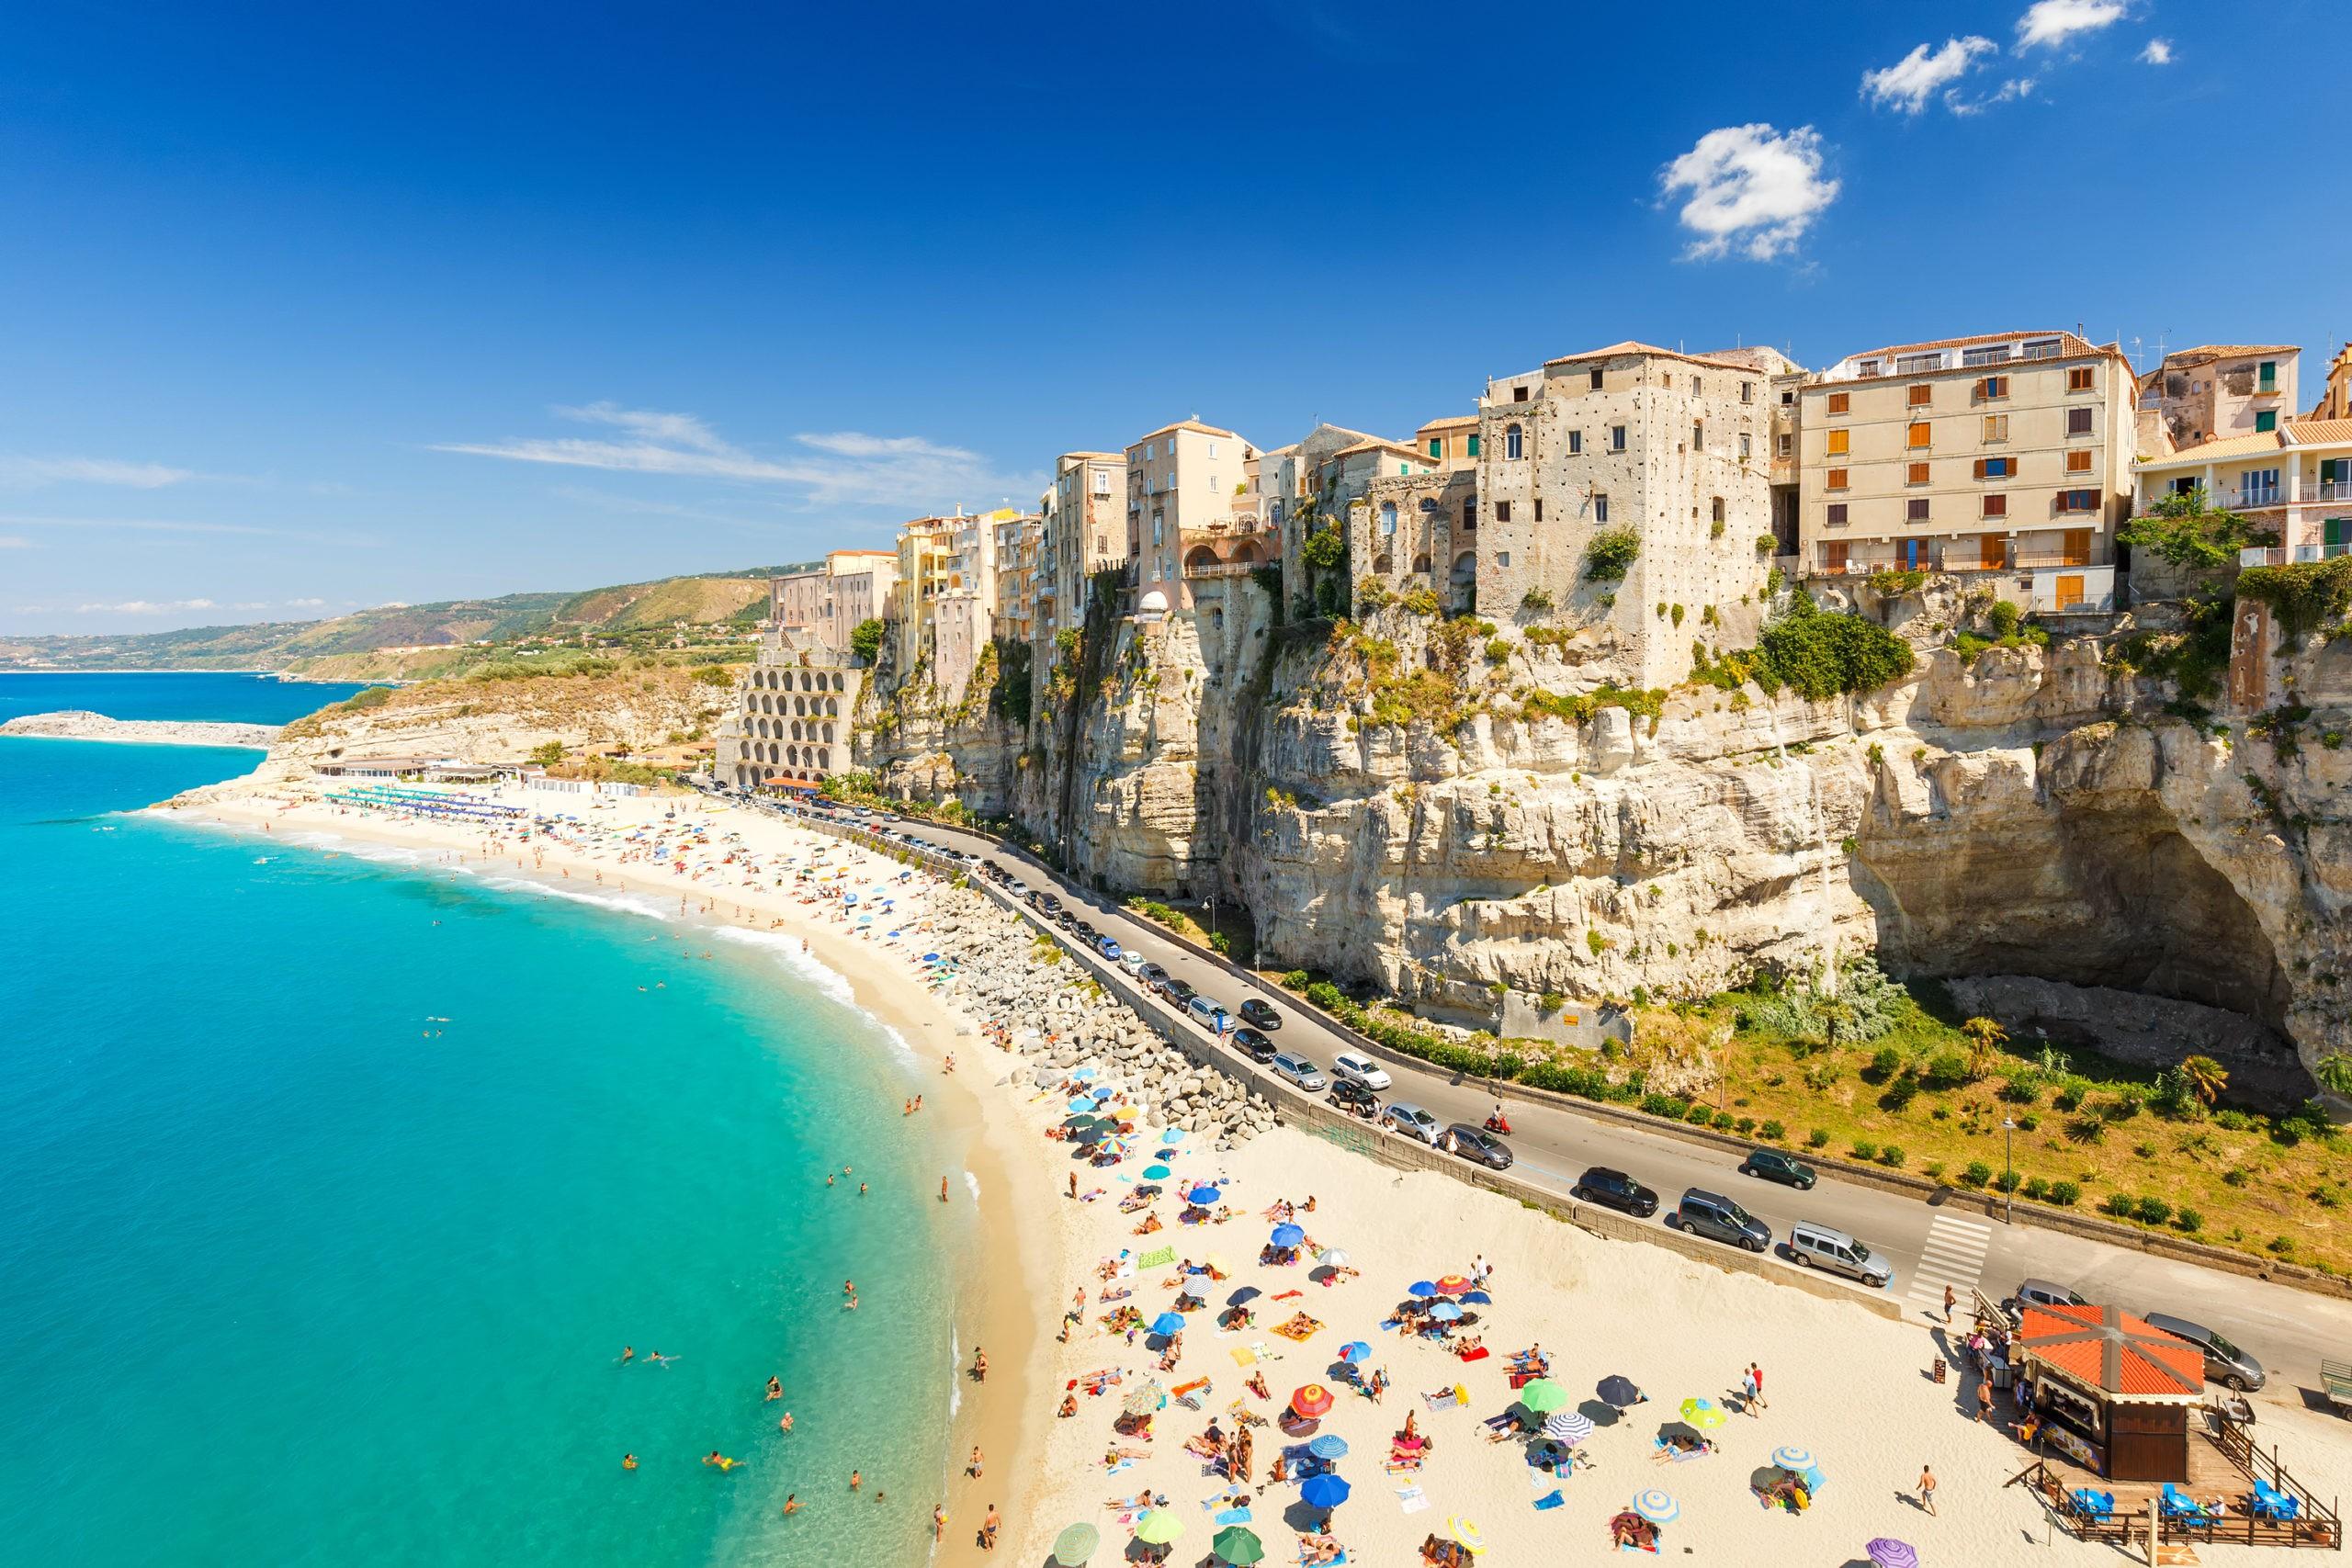 Plaża w Tropei, fot. shutterstock.com